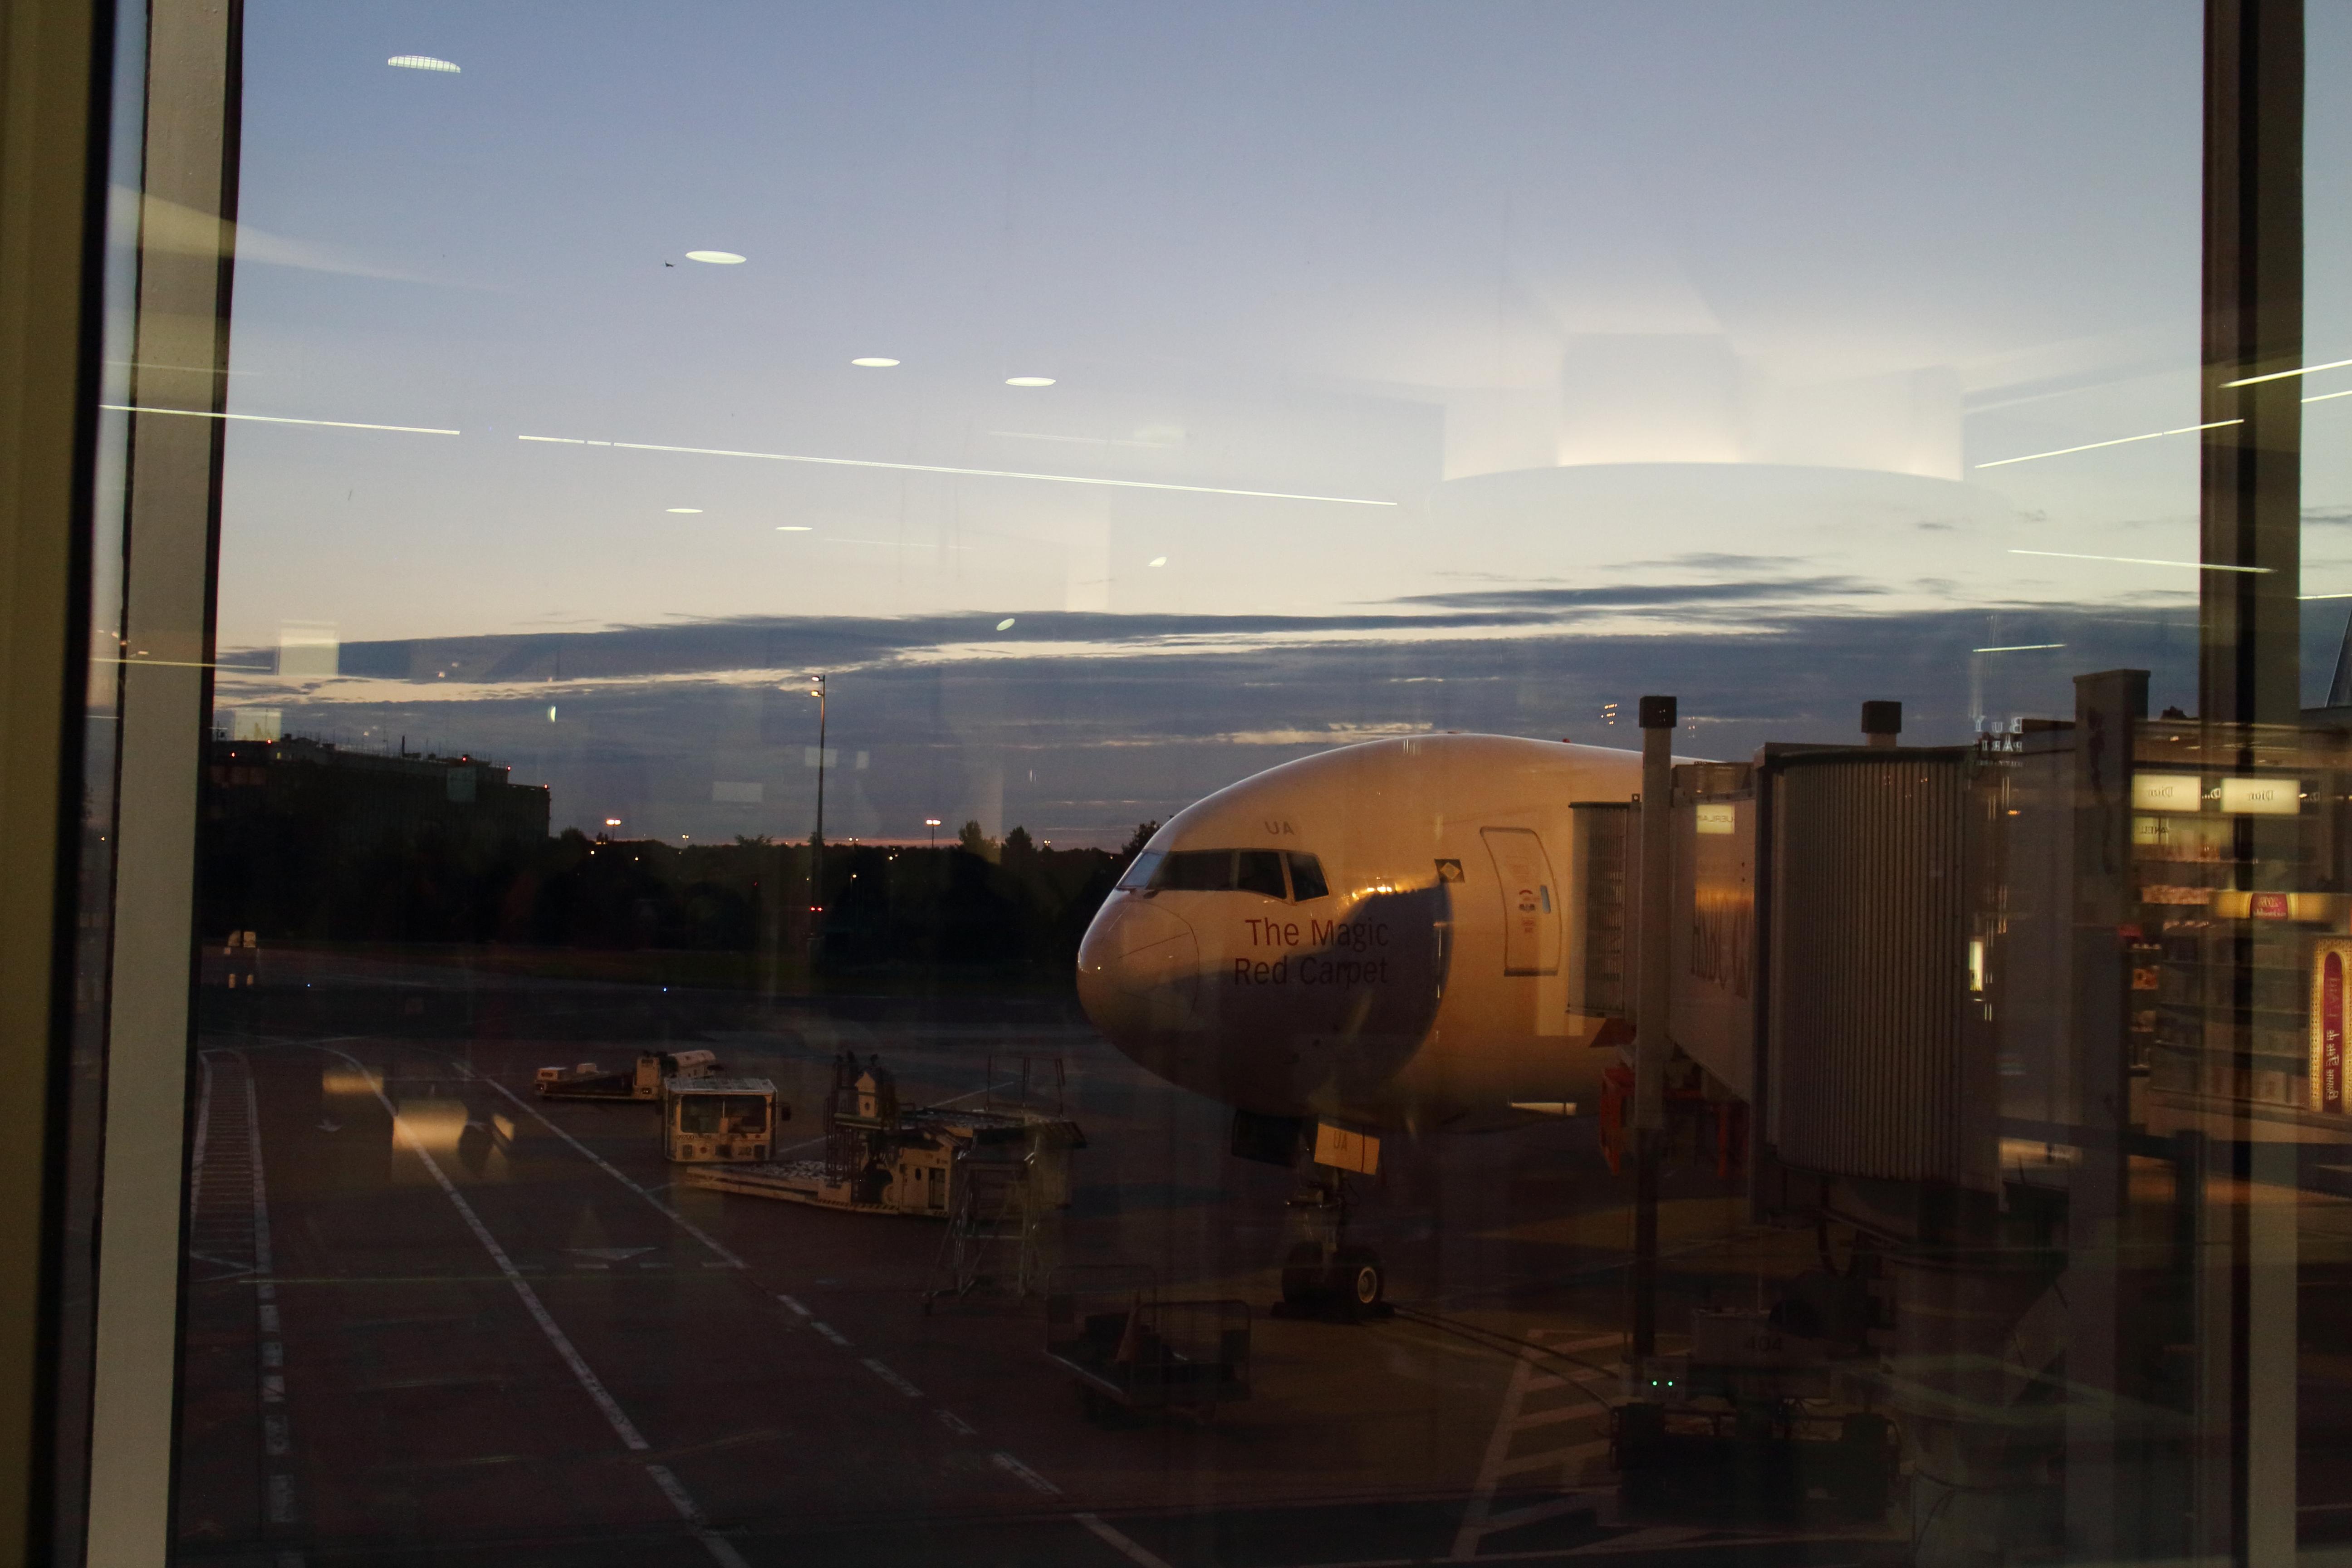 JALマイルがちょっぴりたまるスーツケース配送サービスを利用してみた!